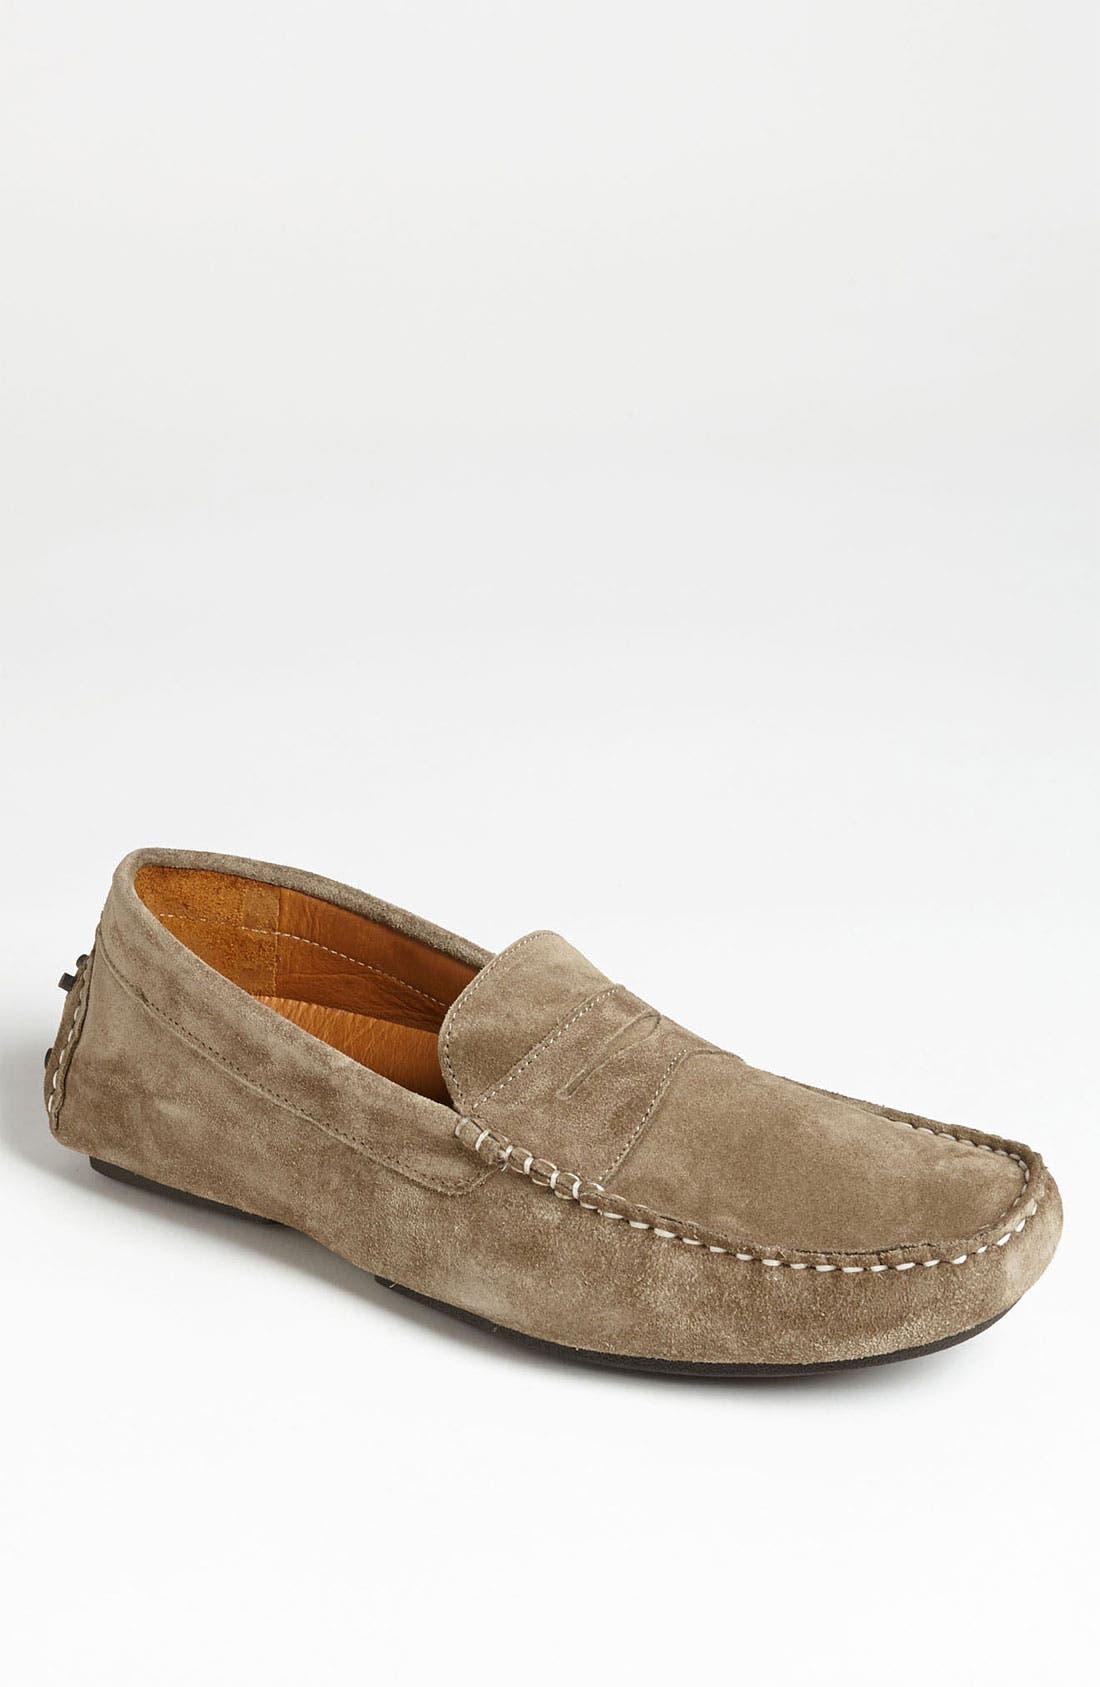 Alternate Image 1 Selected - Gordon Rush 'Barden' Driving Shoe